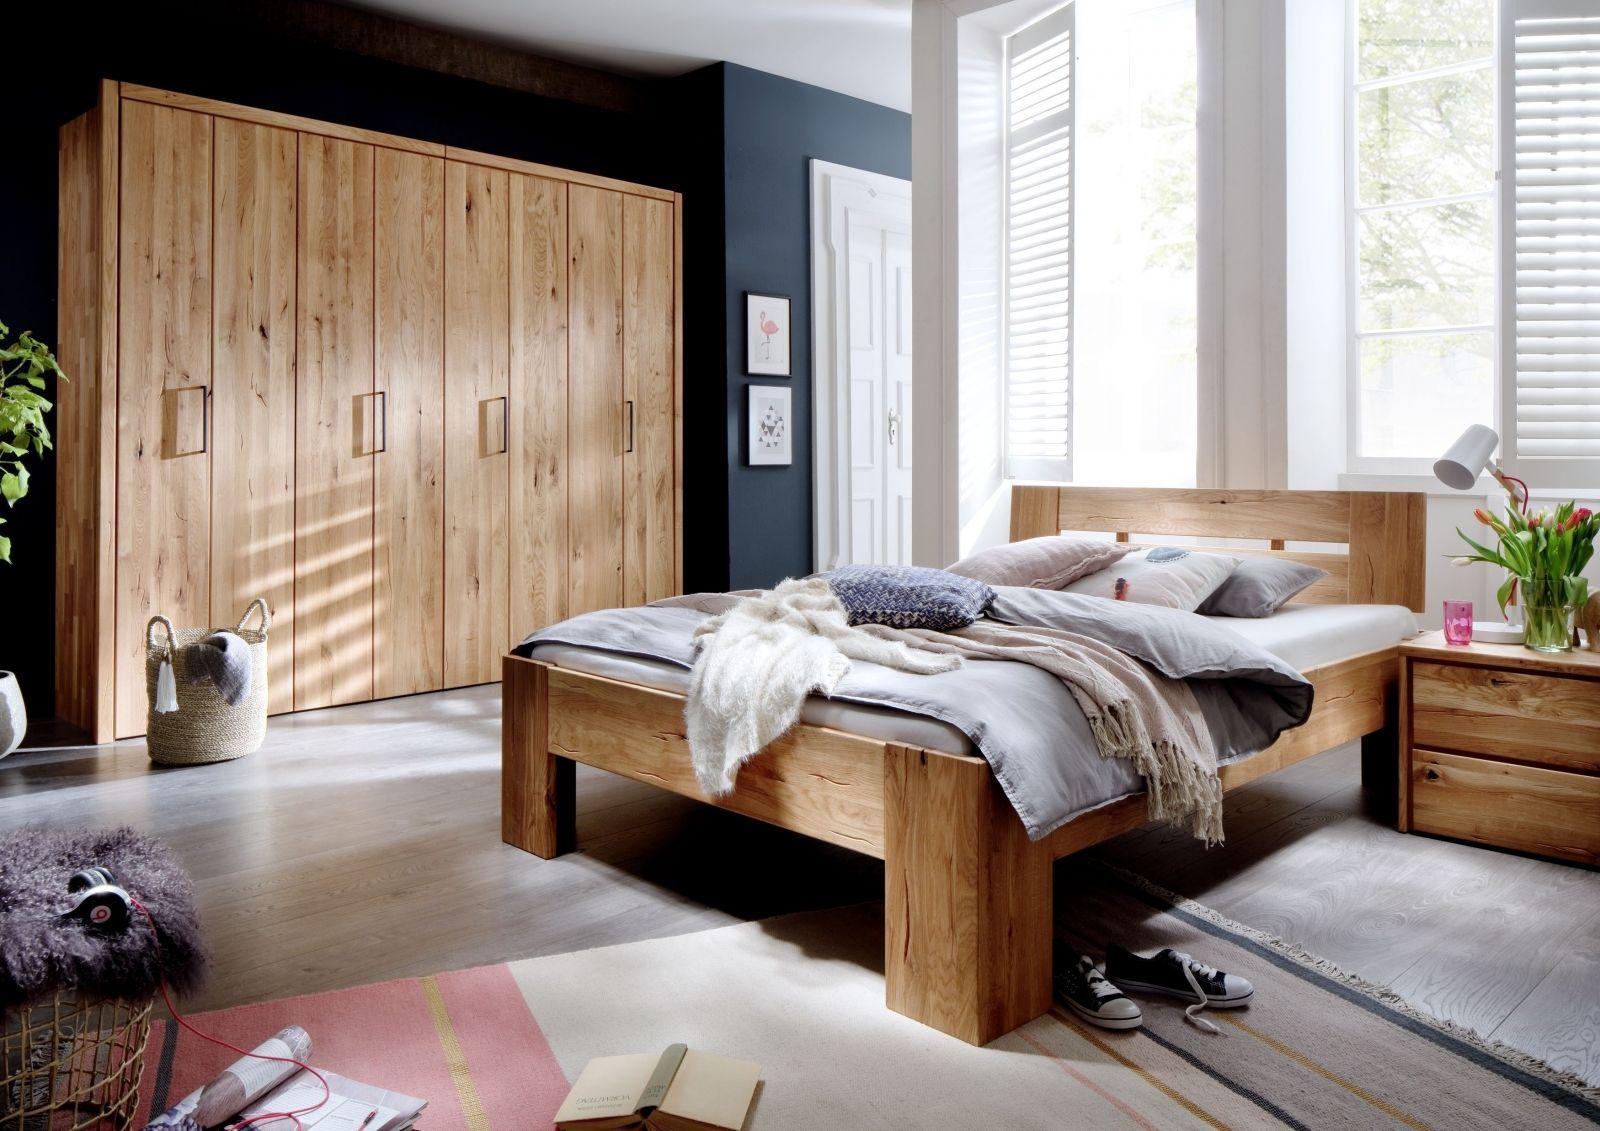 Das Bett Stauraumbett 140x200 Buche Bett Mit Bettkasten